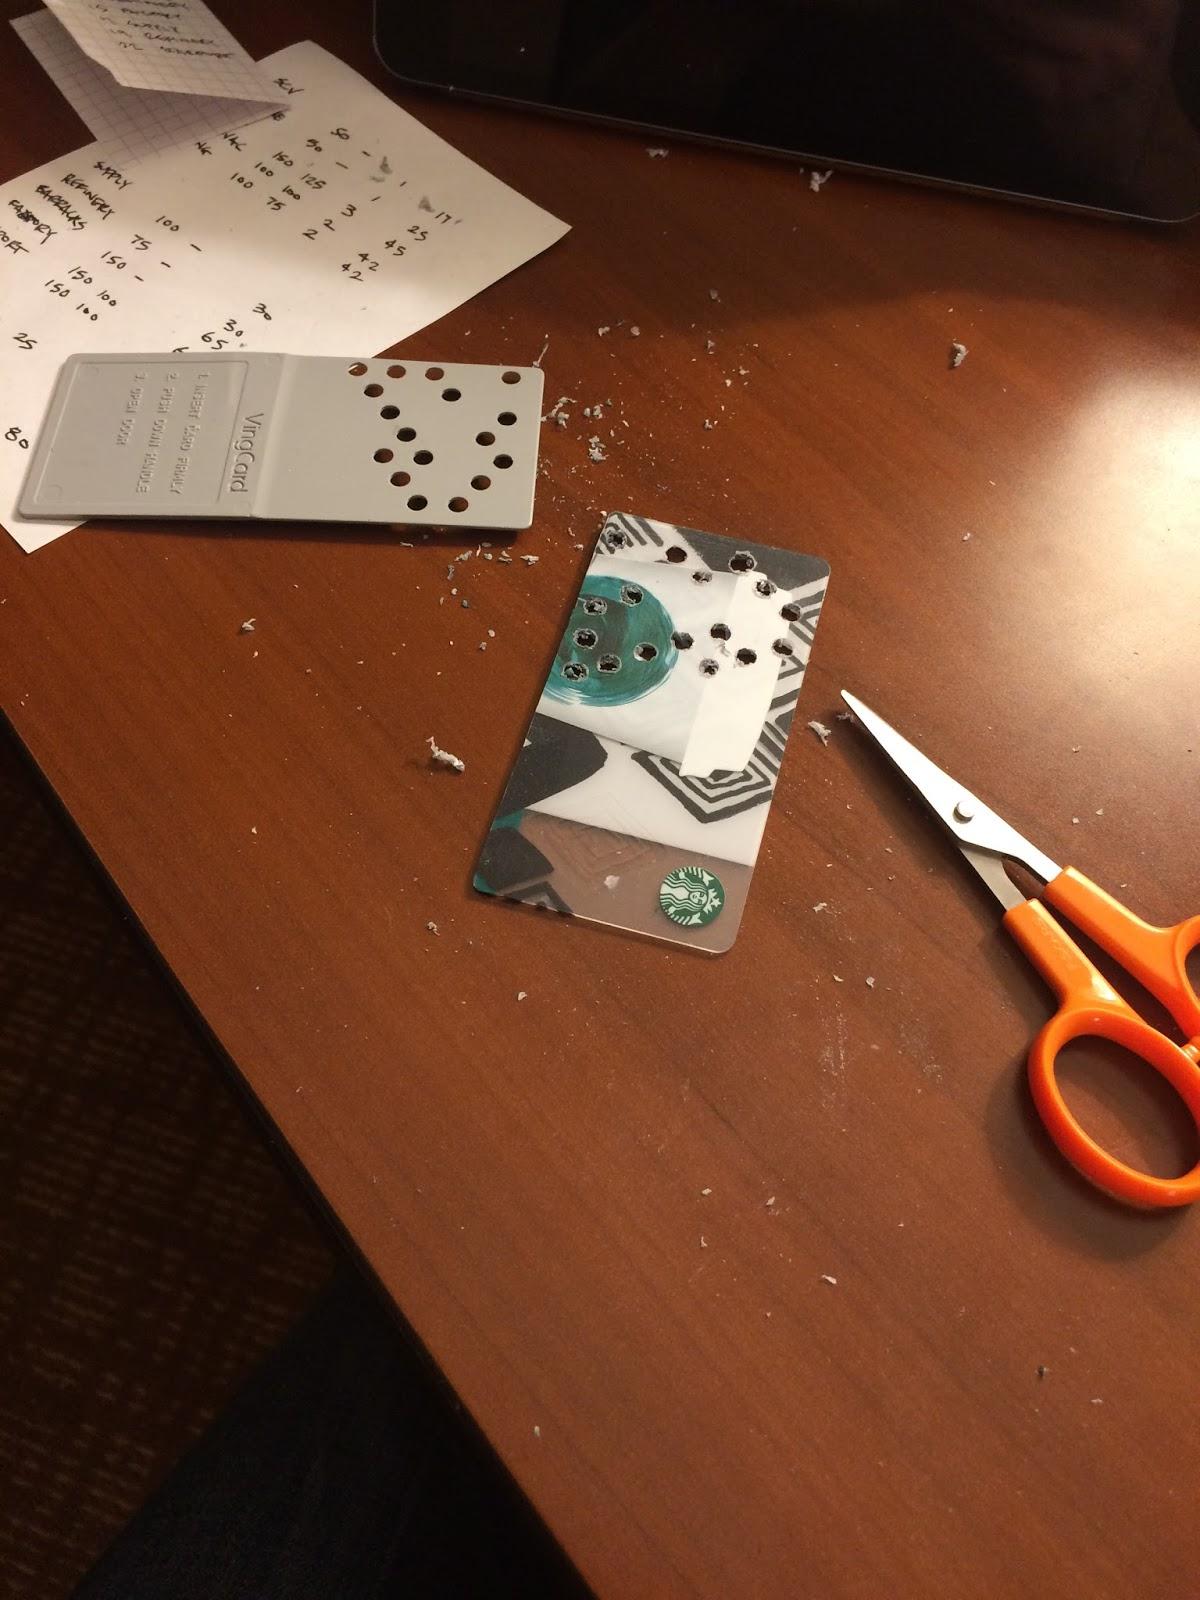 Bit Drifting: Cloning a VingCard